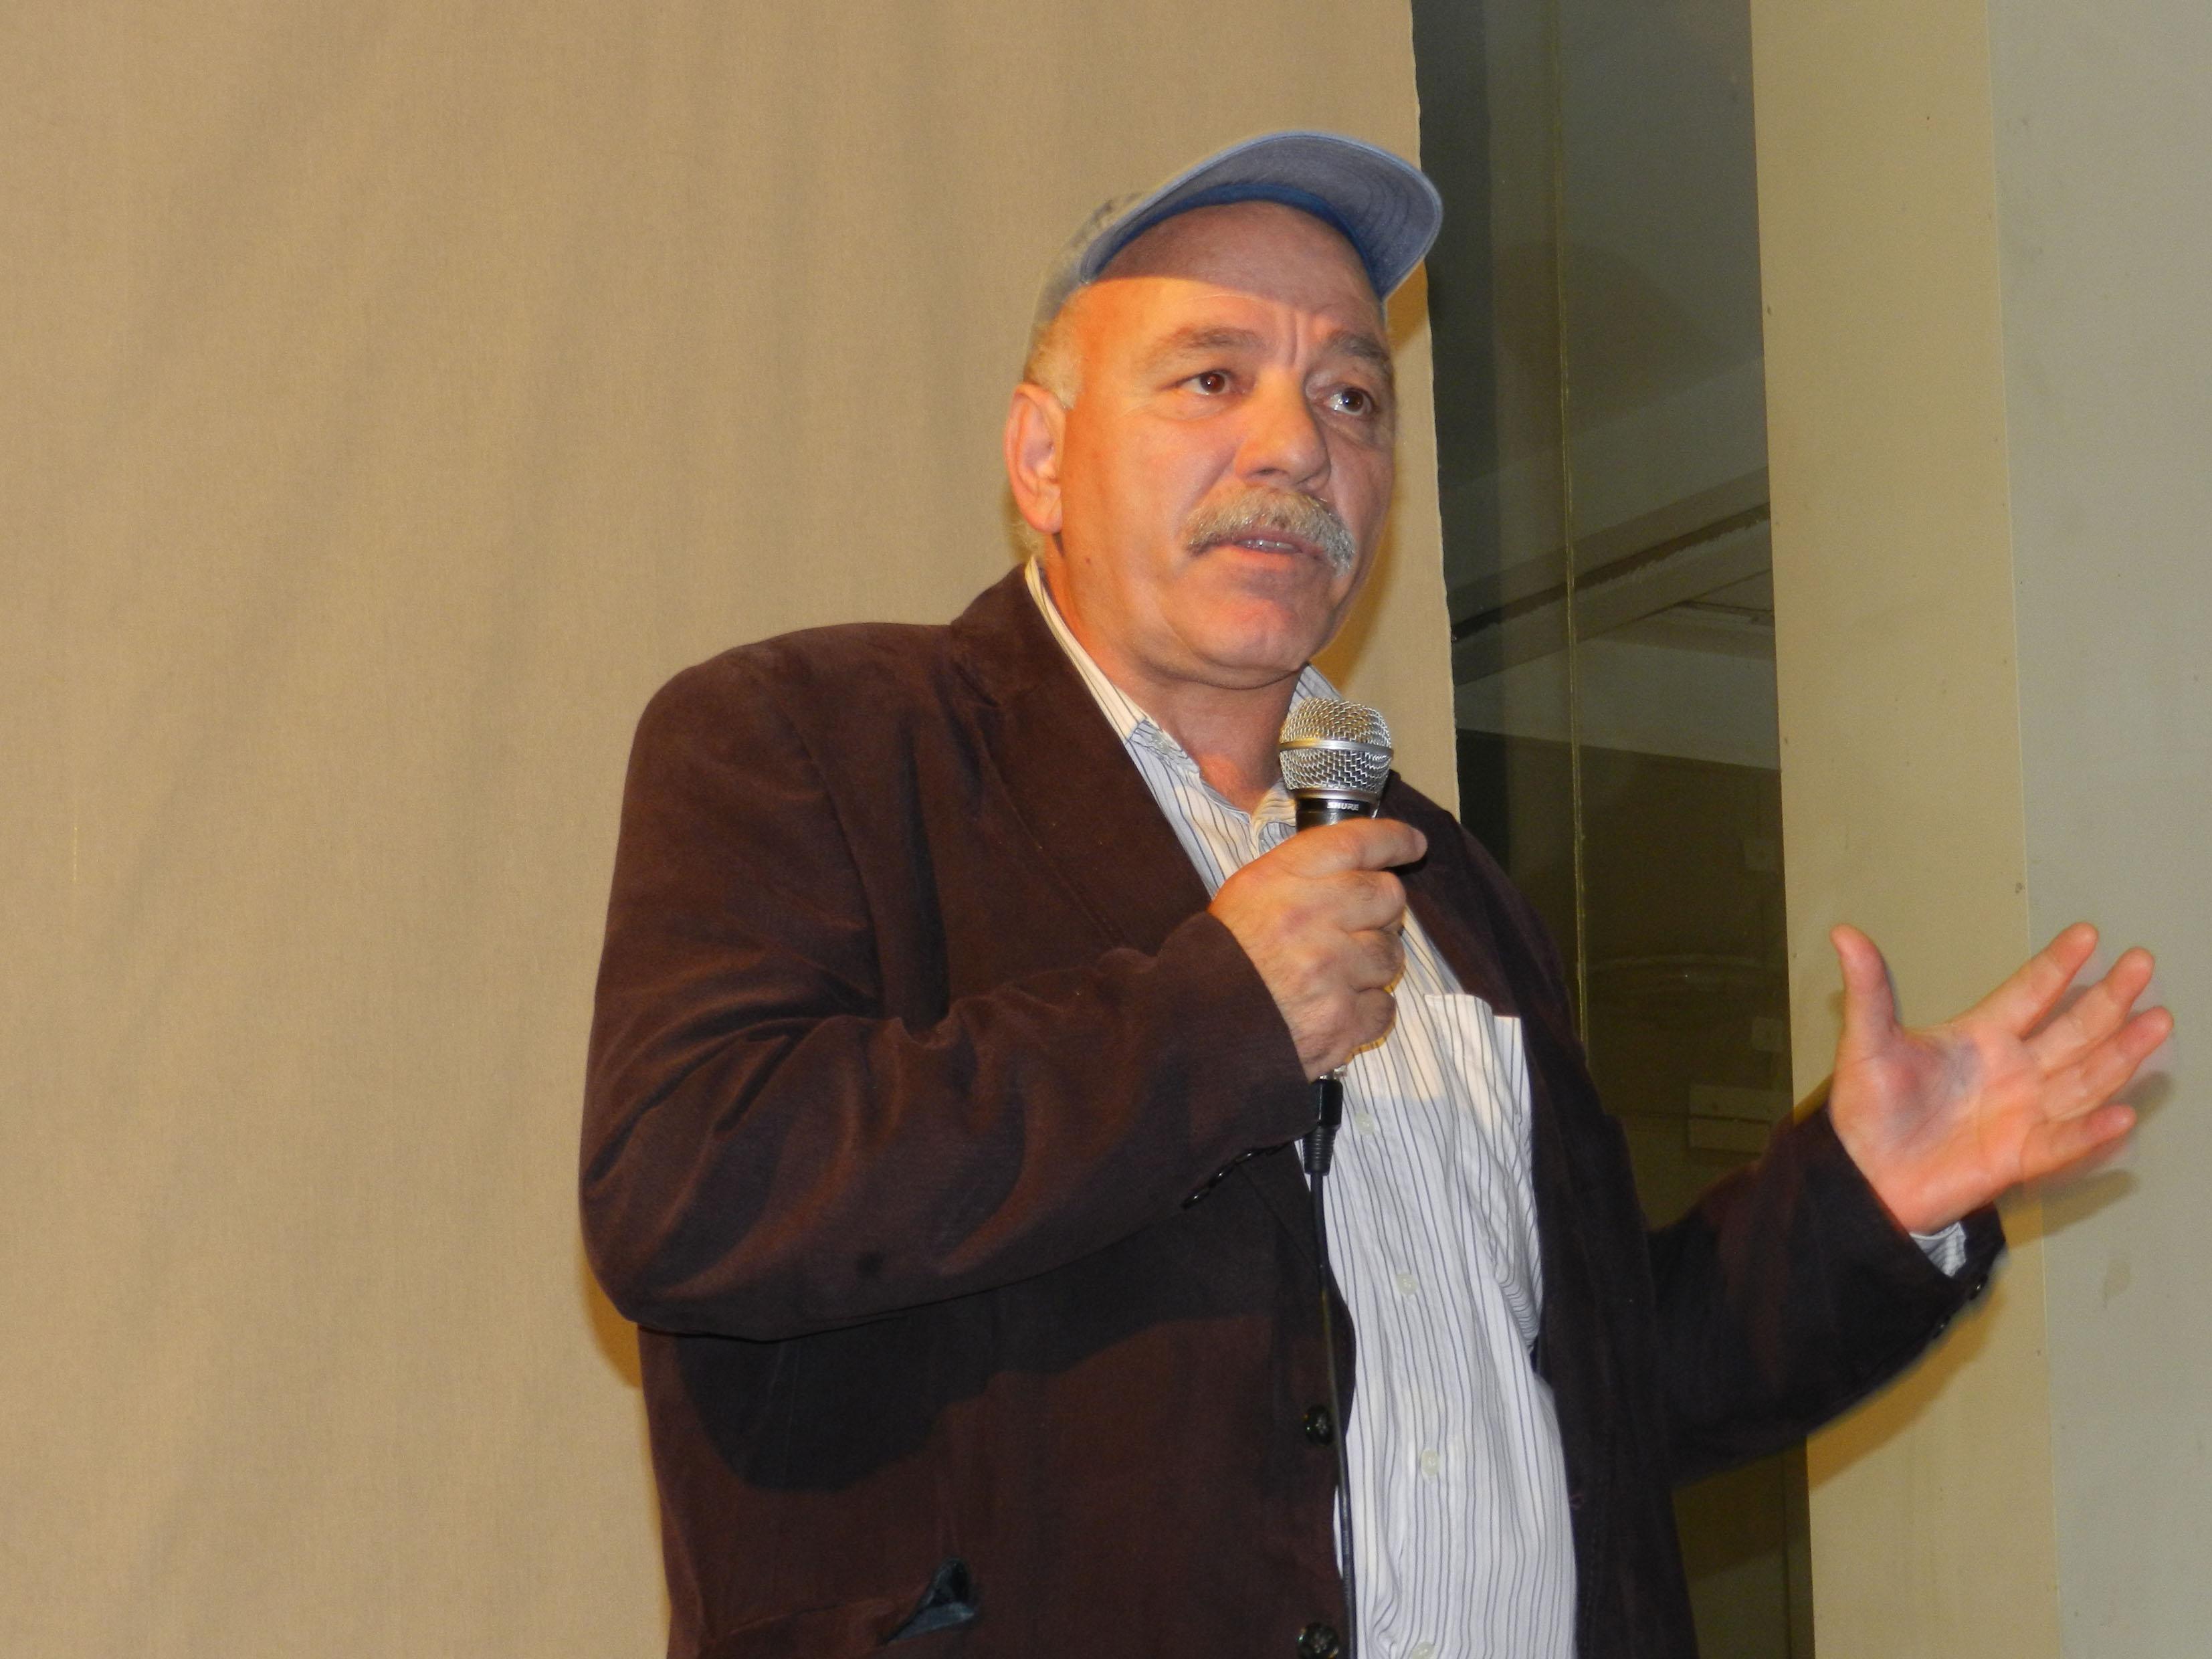 Ο Γιώργος Κεραμιδιώτης αναφέρεται στην ταινία του.